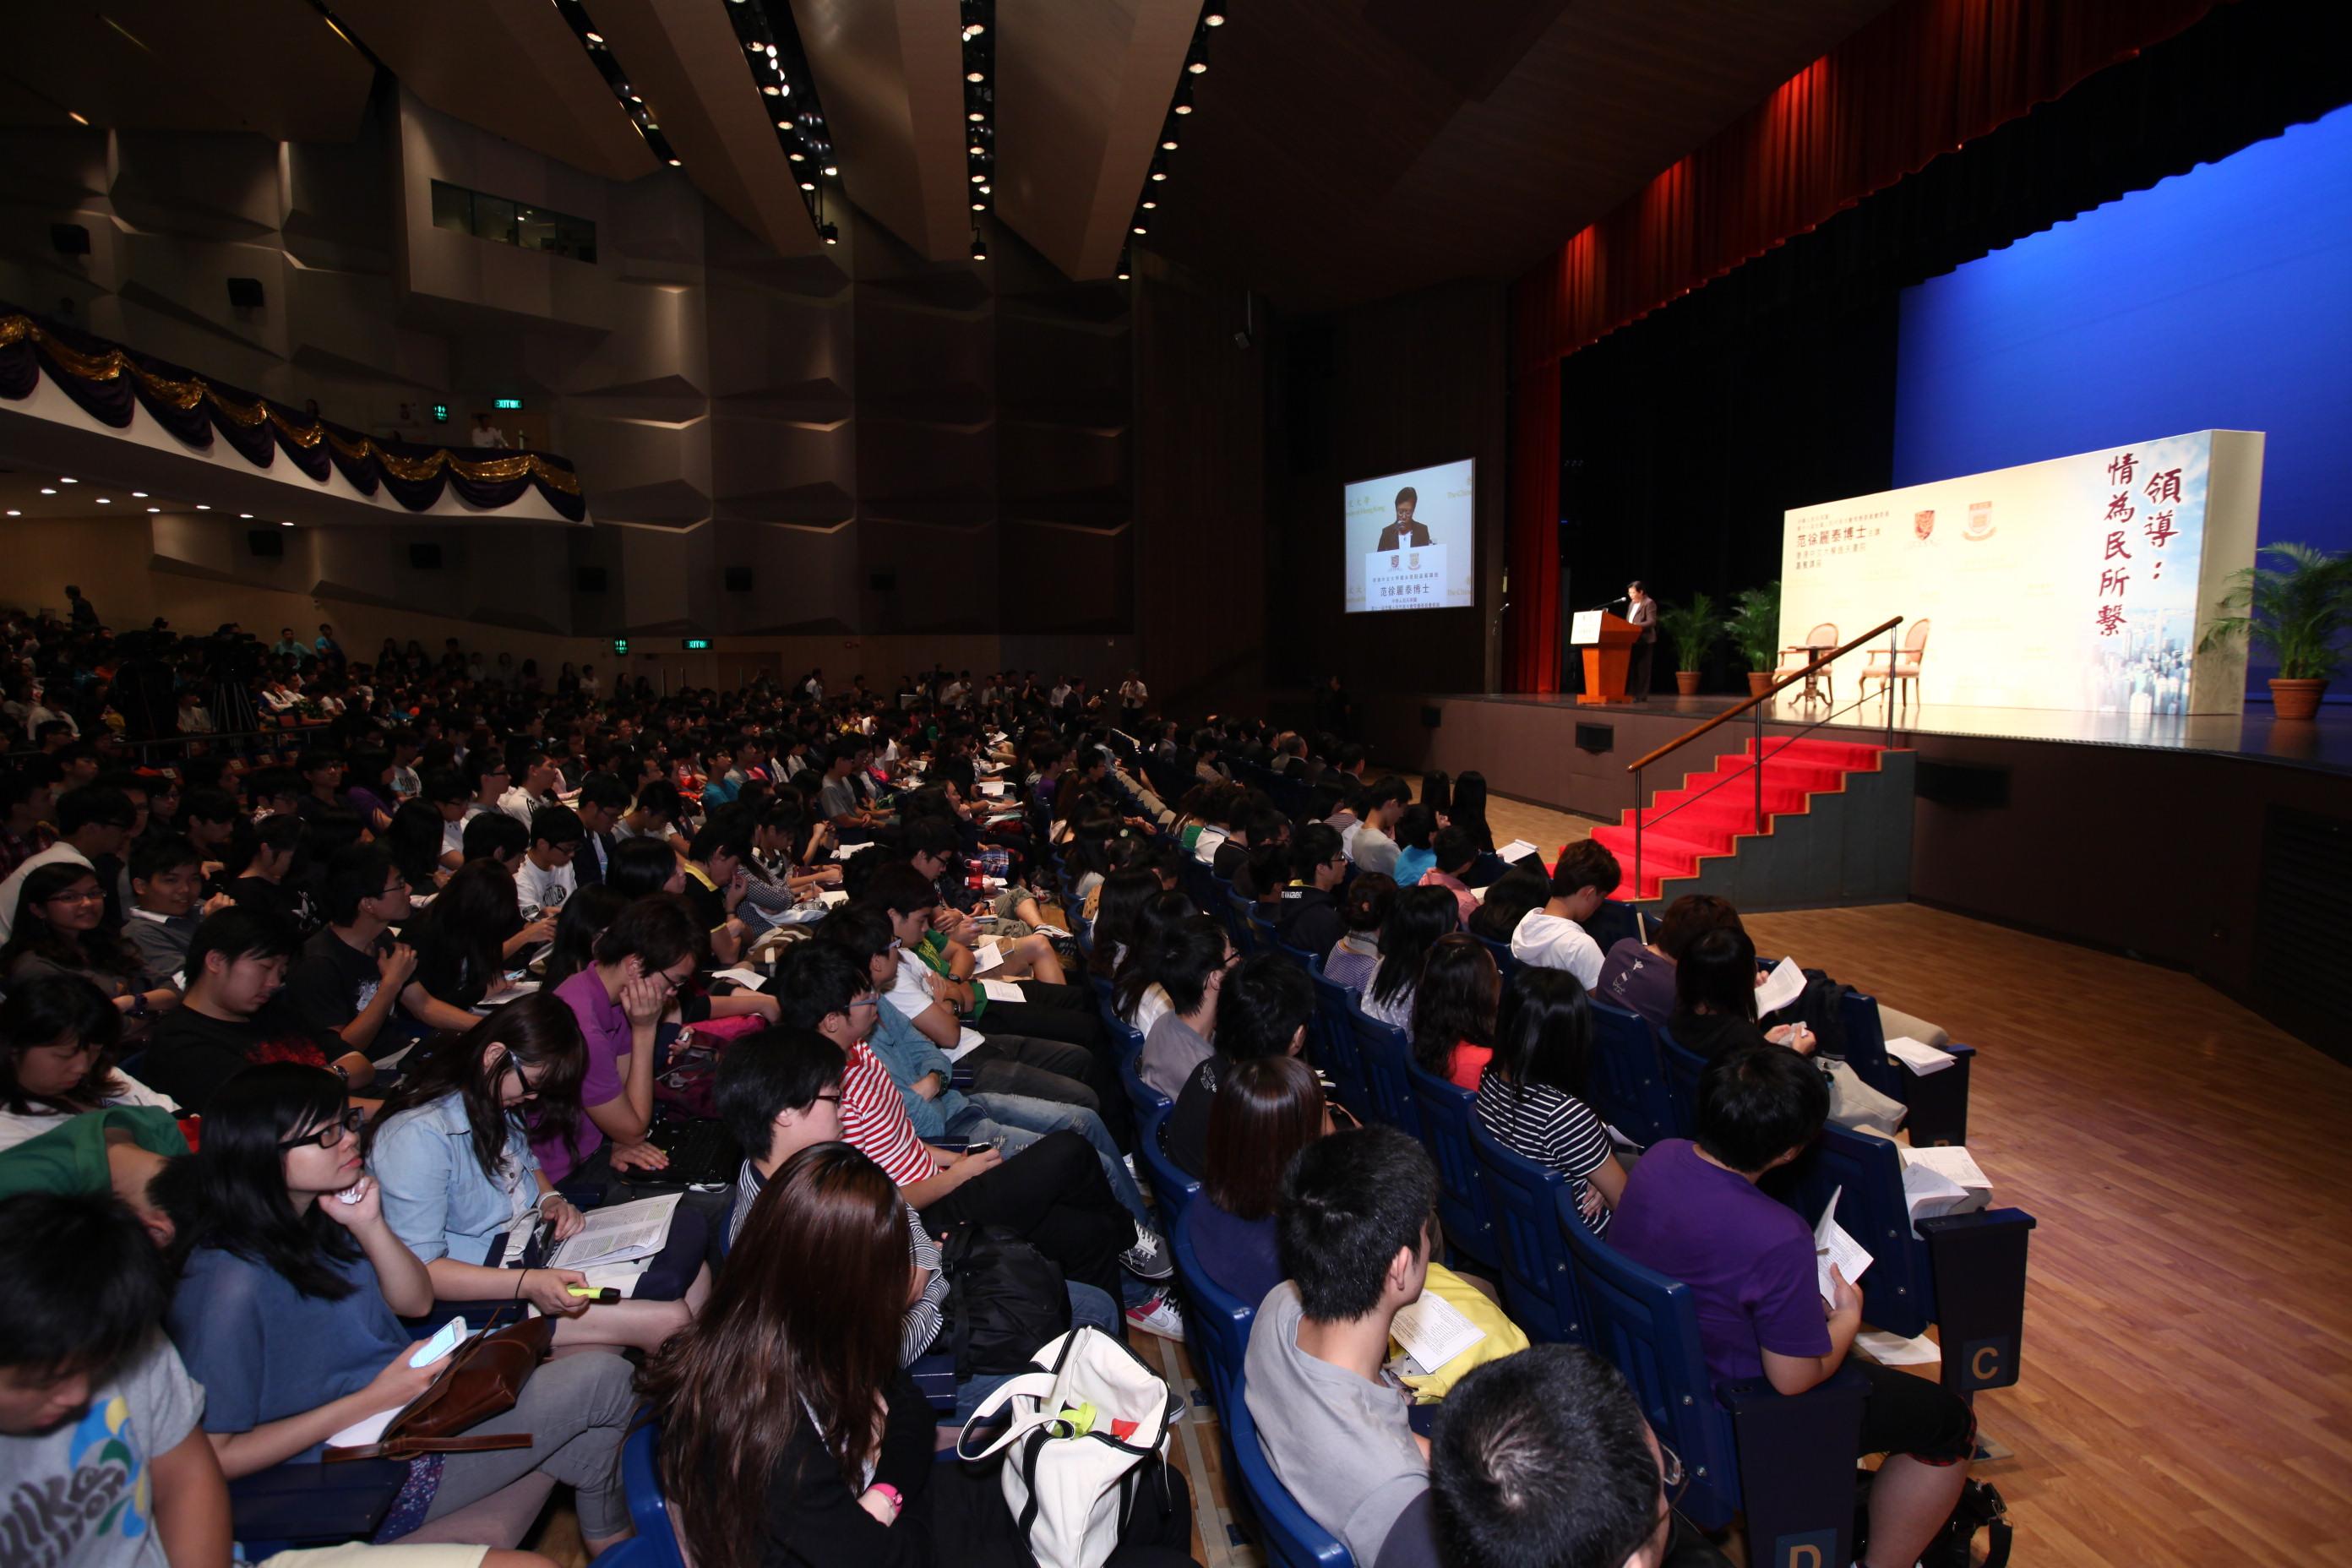 約1,400名學生出席講座